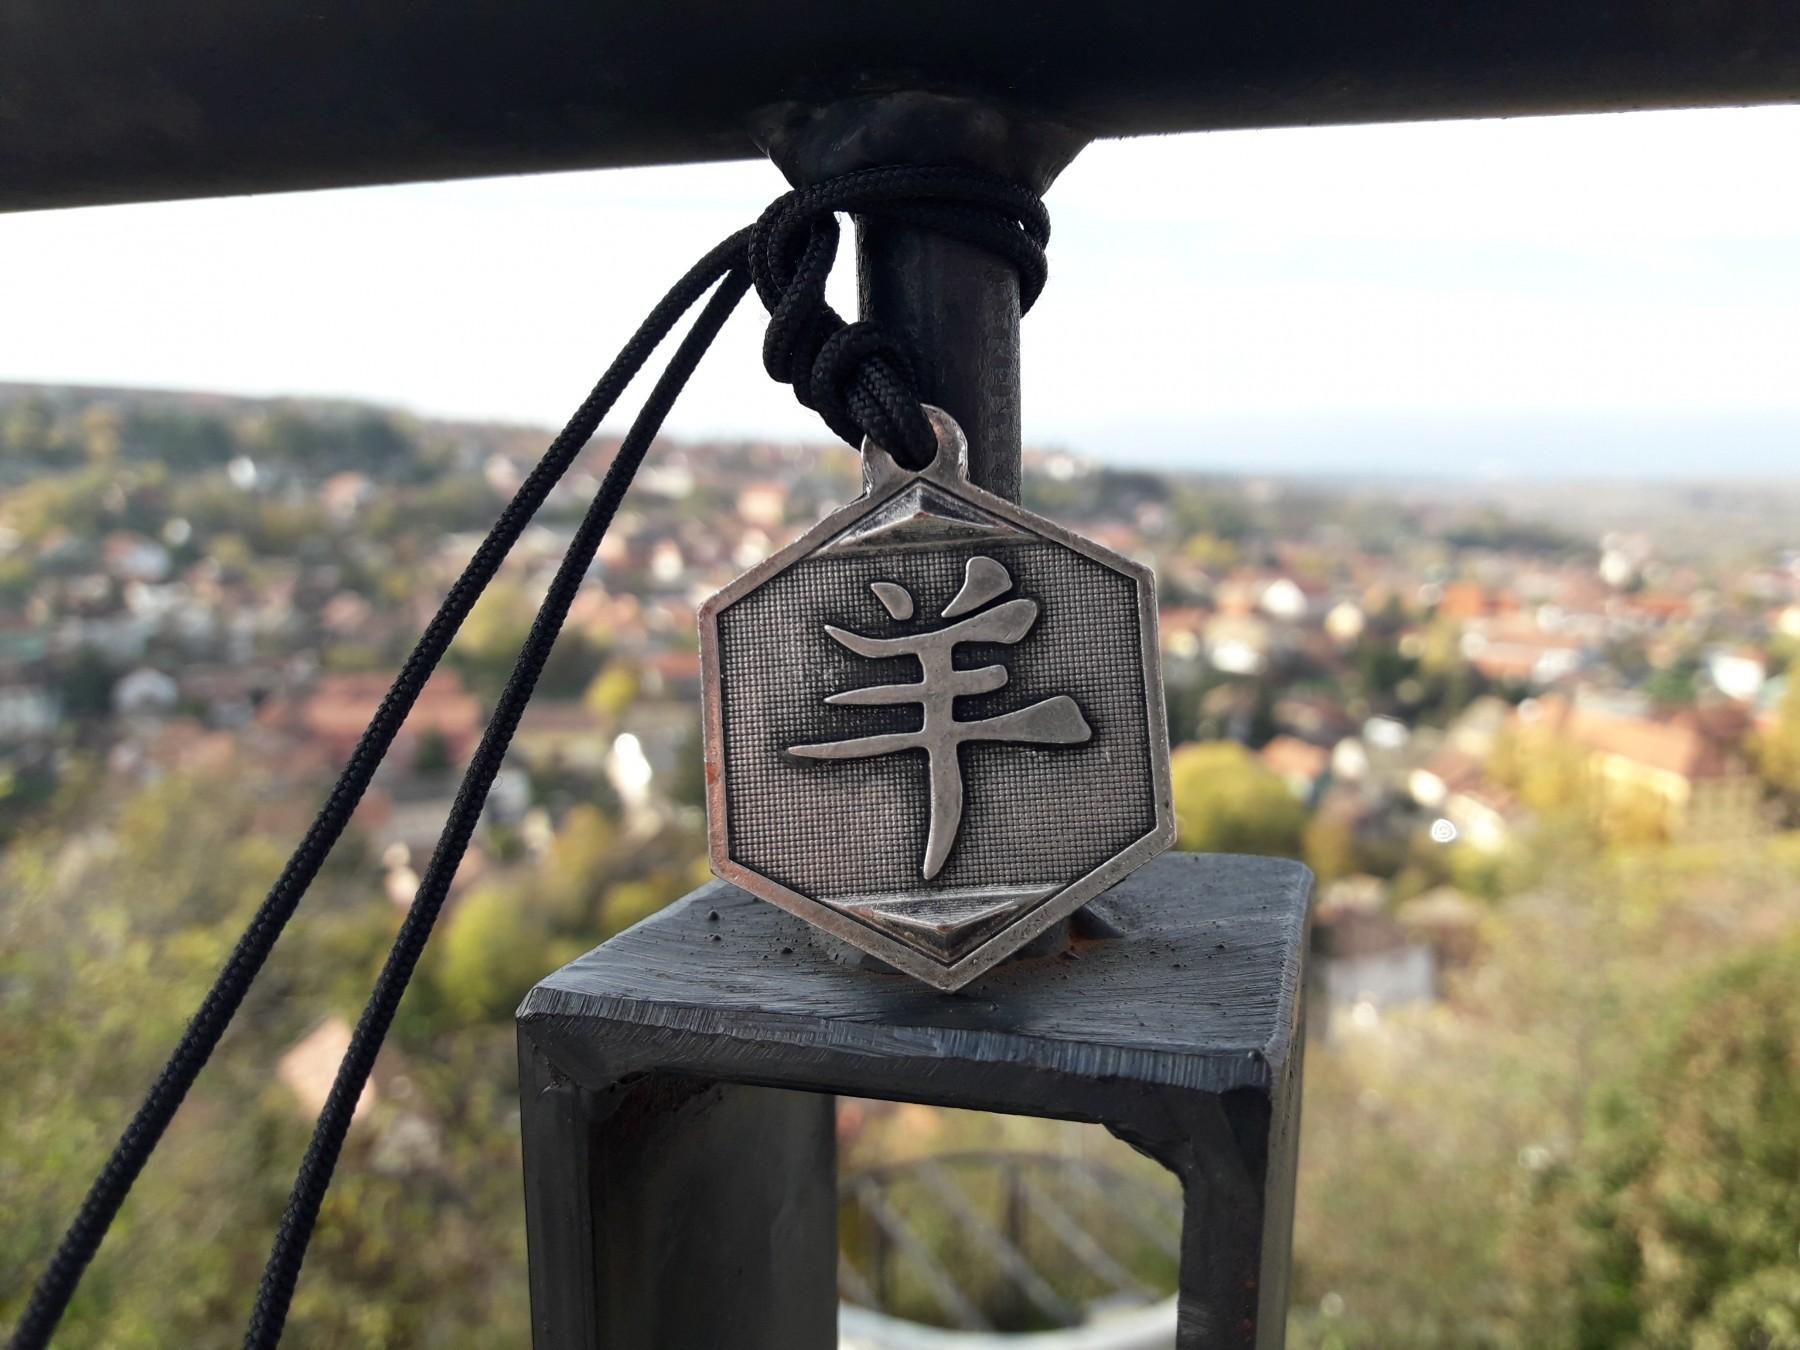 Osobe koje prema kineskom horoskopu pripadaju znaku Bika karakterizira prije svega stabilnost, dosljednost, požrtvovnost i pouzdanost.